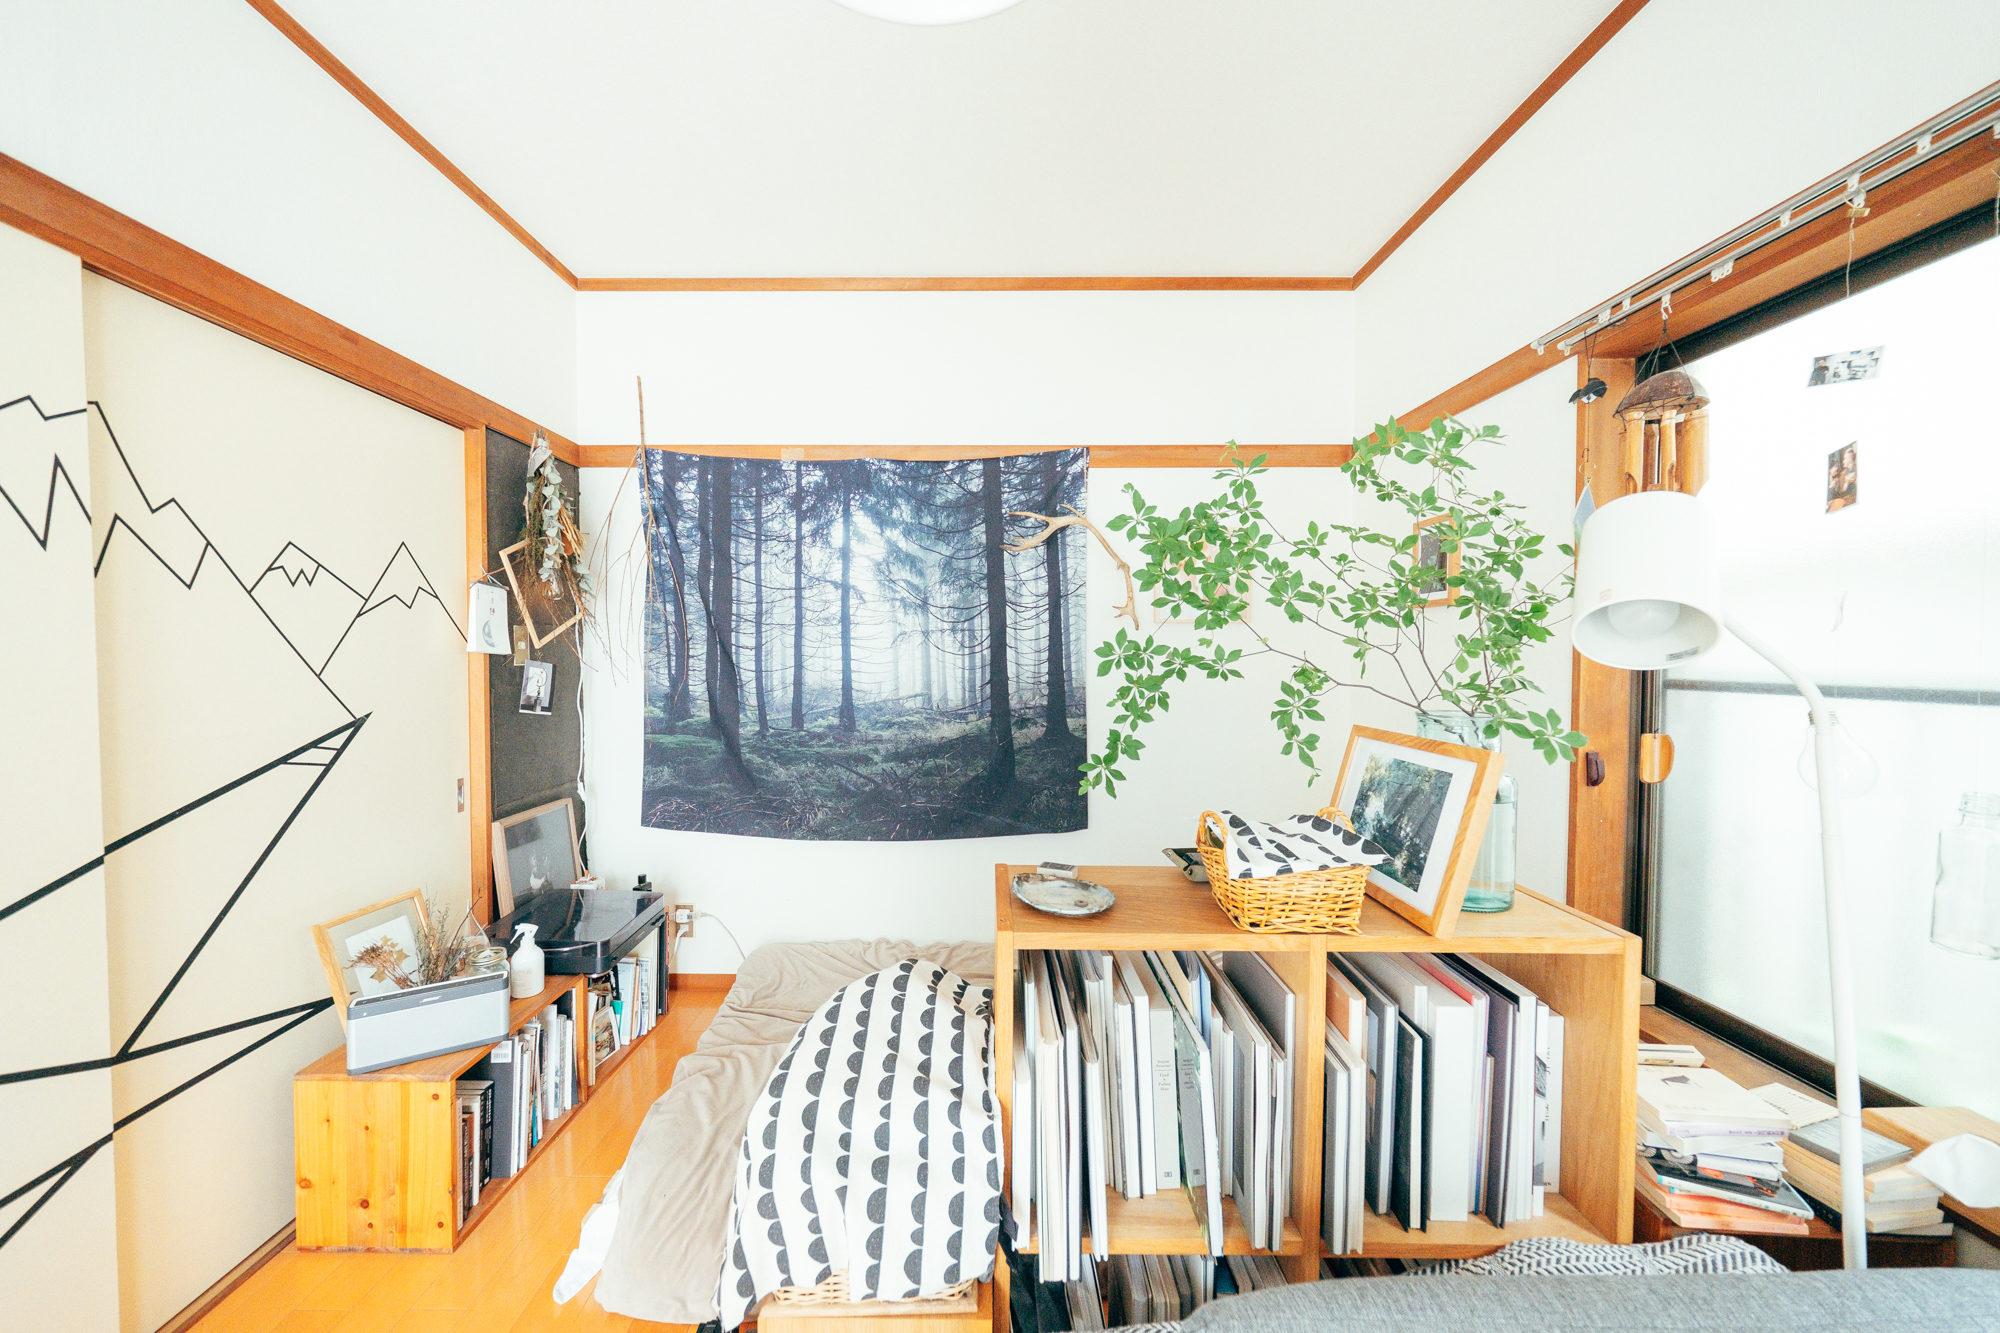 アート関連のお仕事柄、写真集がたくあんあるお部屋。背が低い木の収納をいろんなところに置いて、納めています